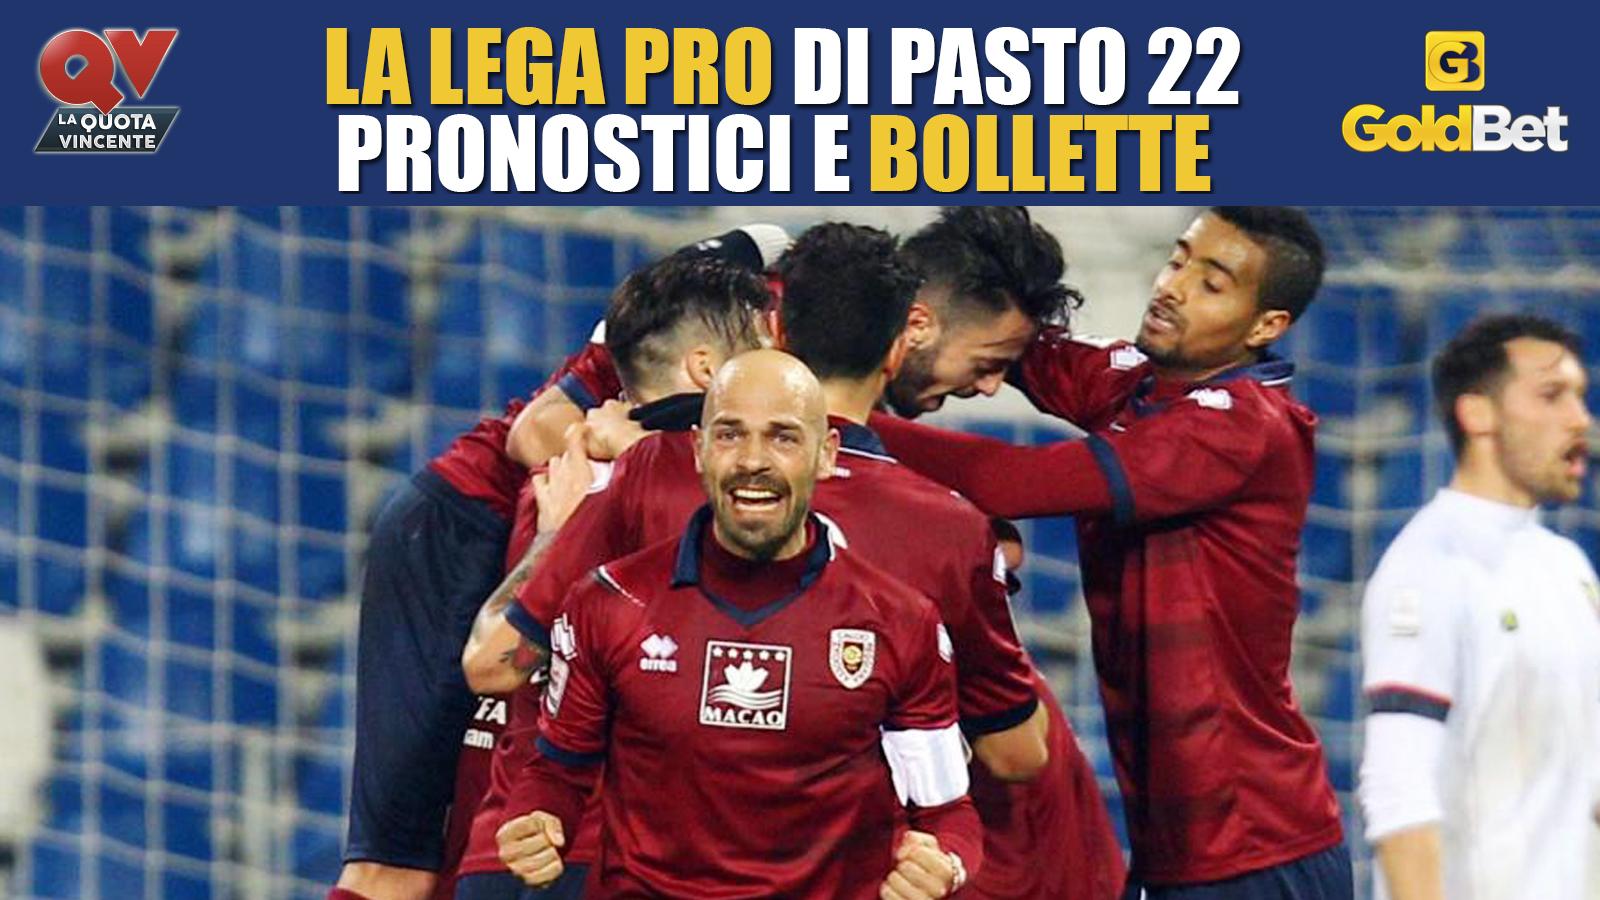 lega_pro_blog_qv_pasto_22_reggiana_esultanza_news_scommesse_bollette